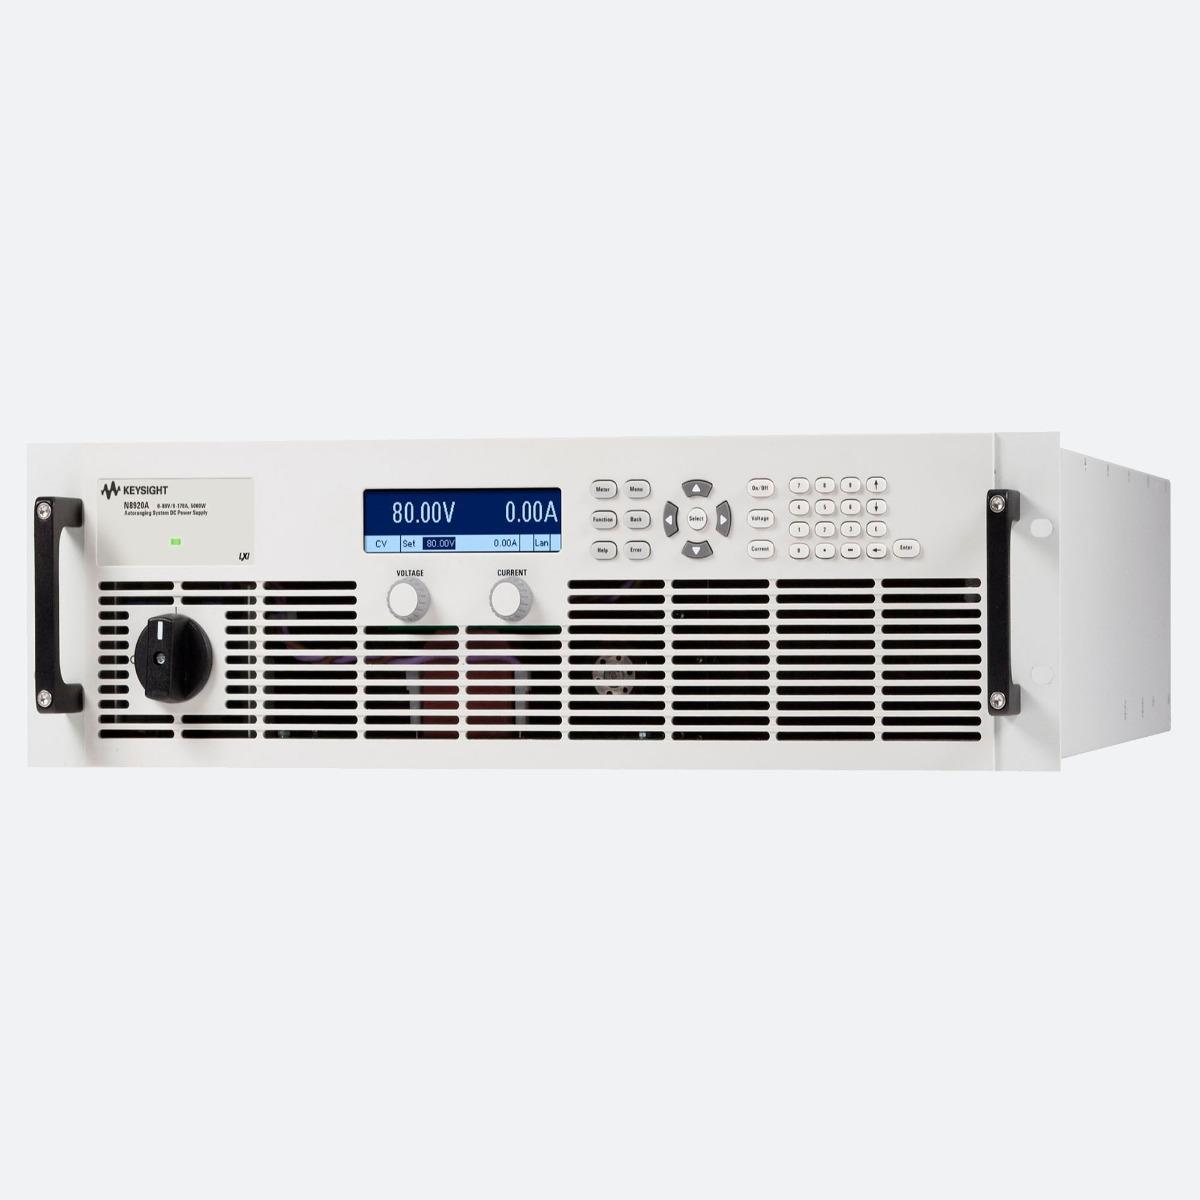 KEYSIGHT N8900 Power supply